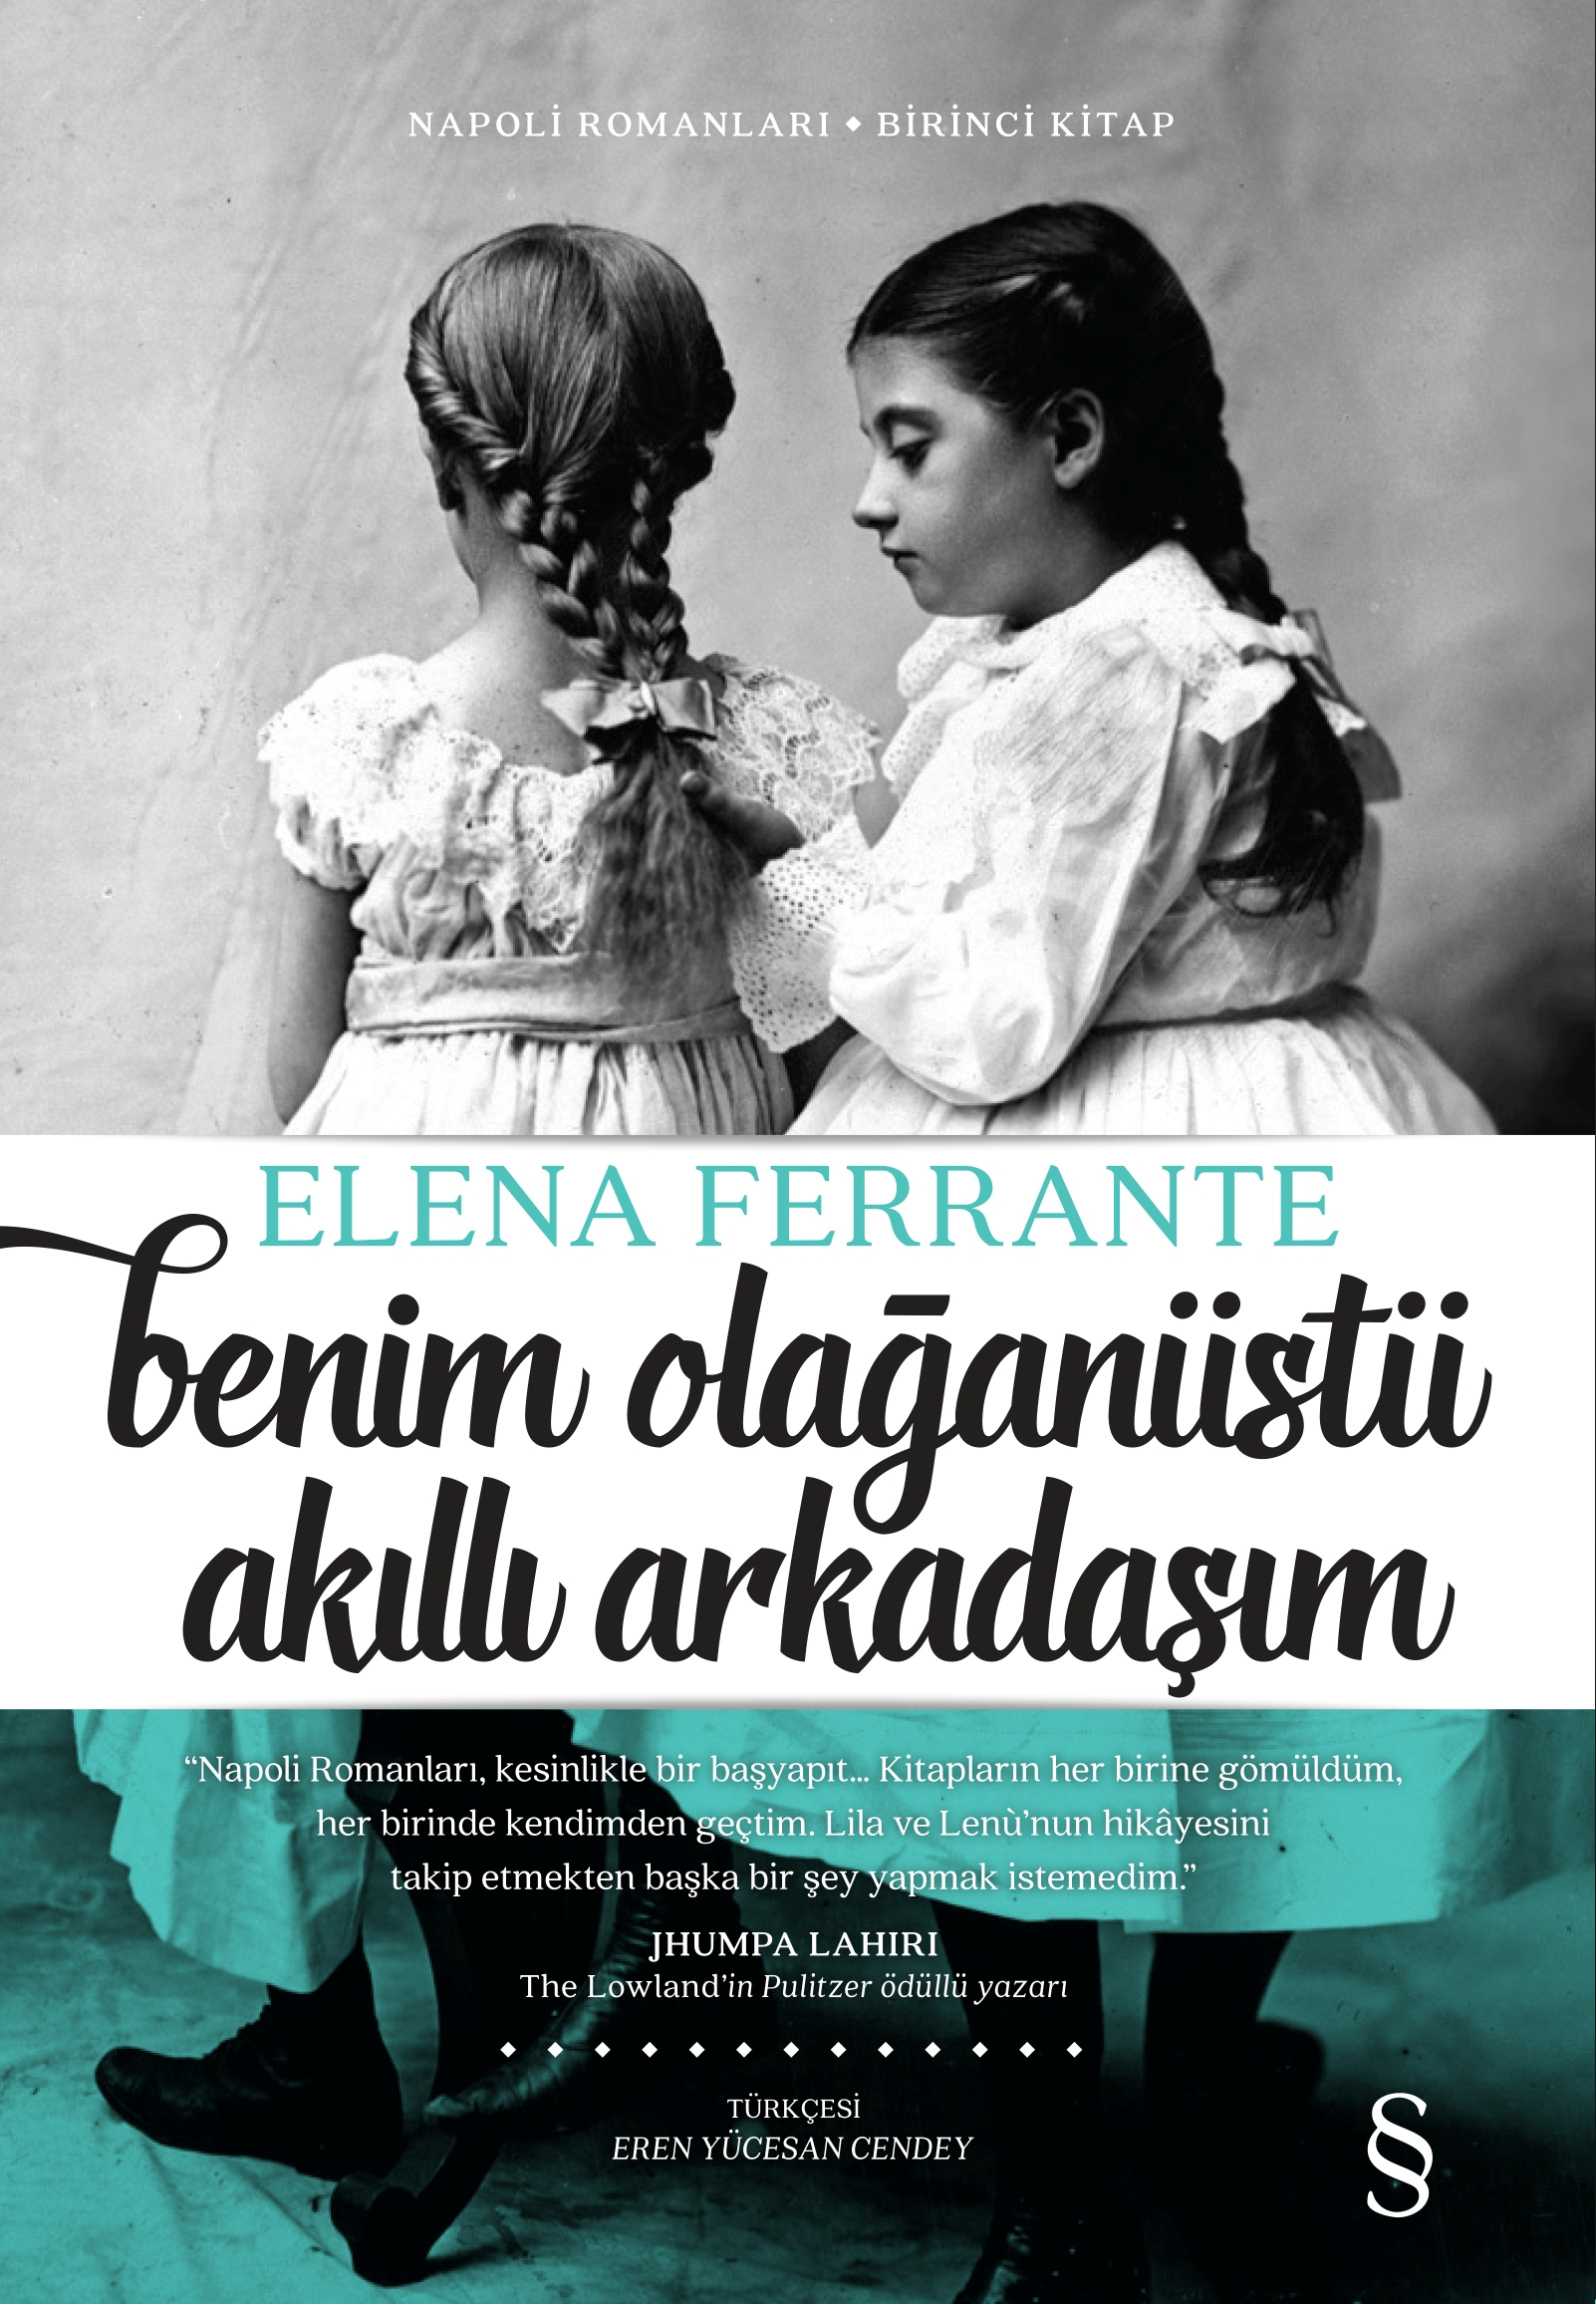 Benim Olağanüstü Akıllı Arkadaşım, Elena Ferrante, Çeviren: Eren Yücesan Cendey, Everest Yayınları